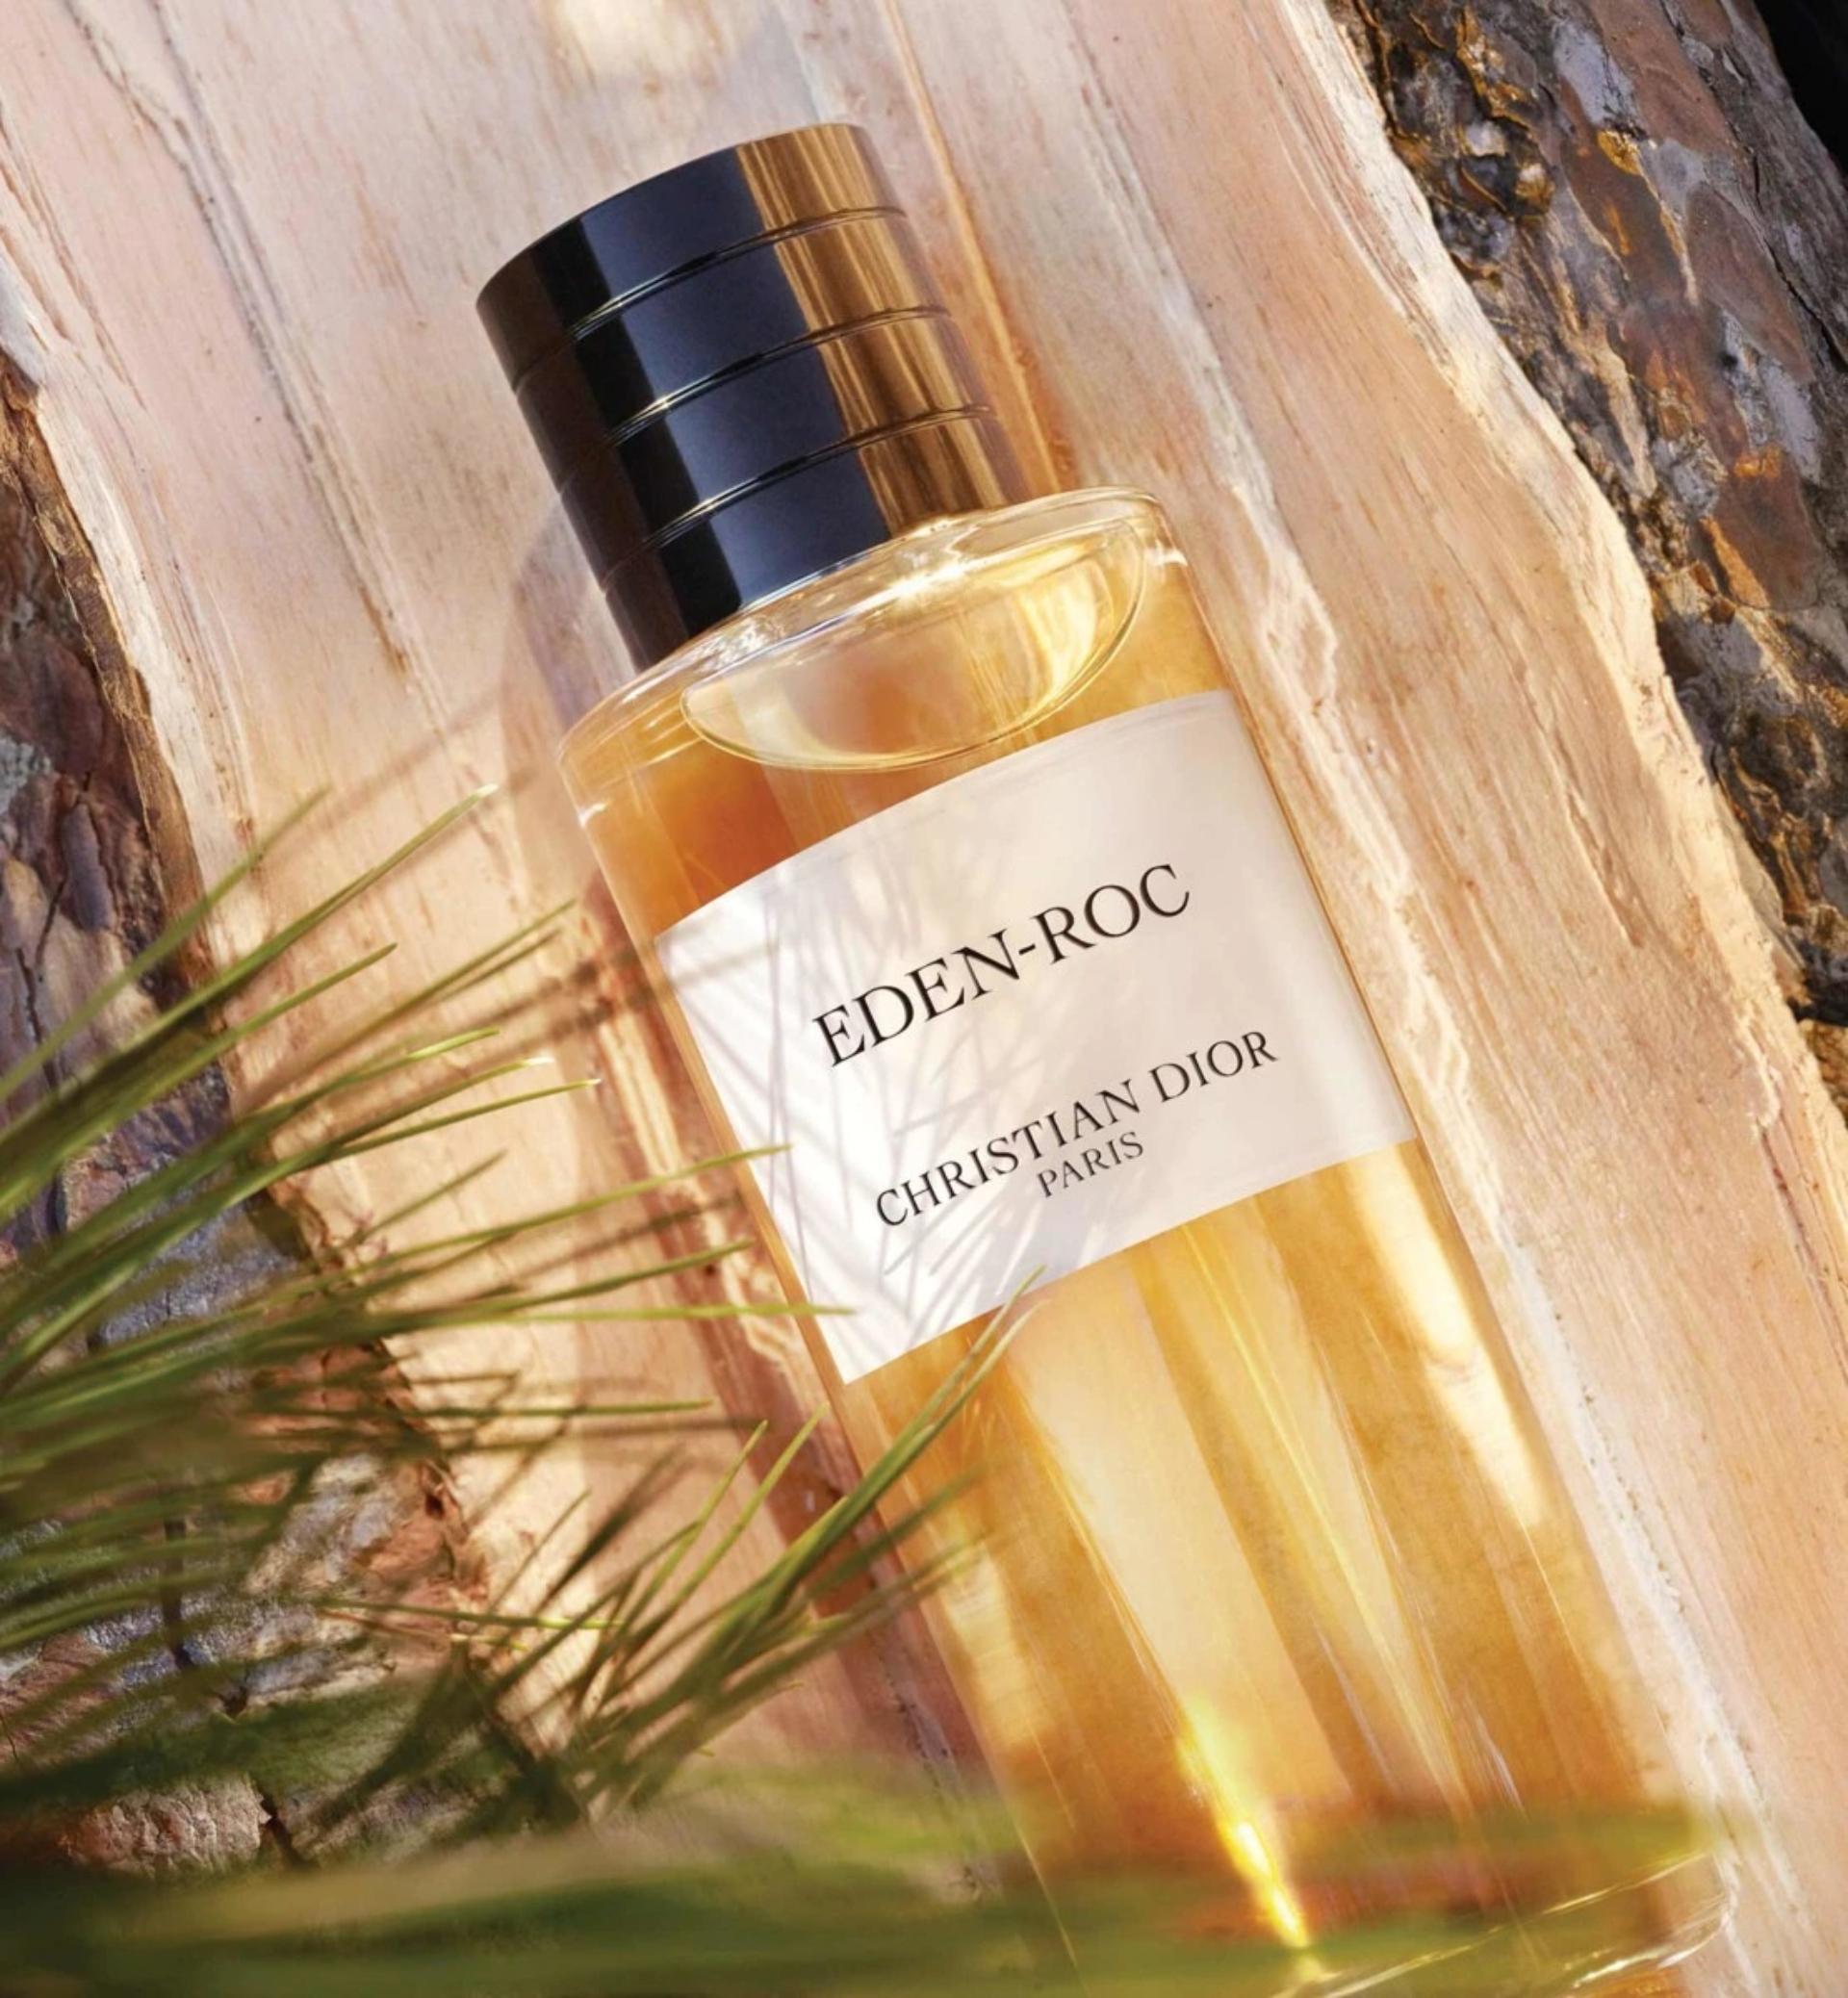 Así es Eden Roc el nuevo perfume de Dior